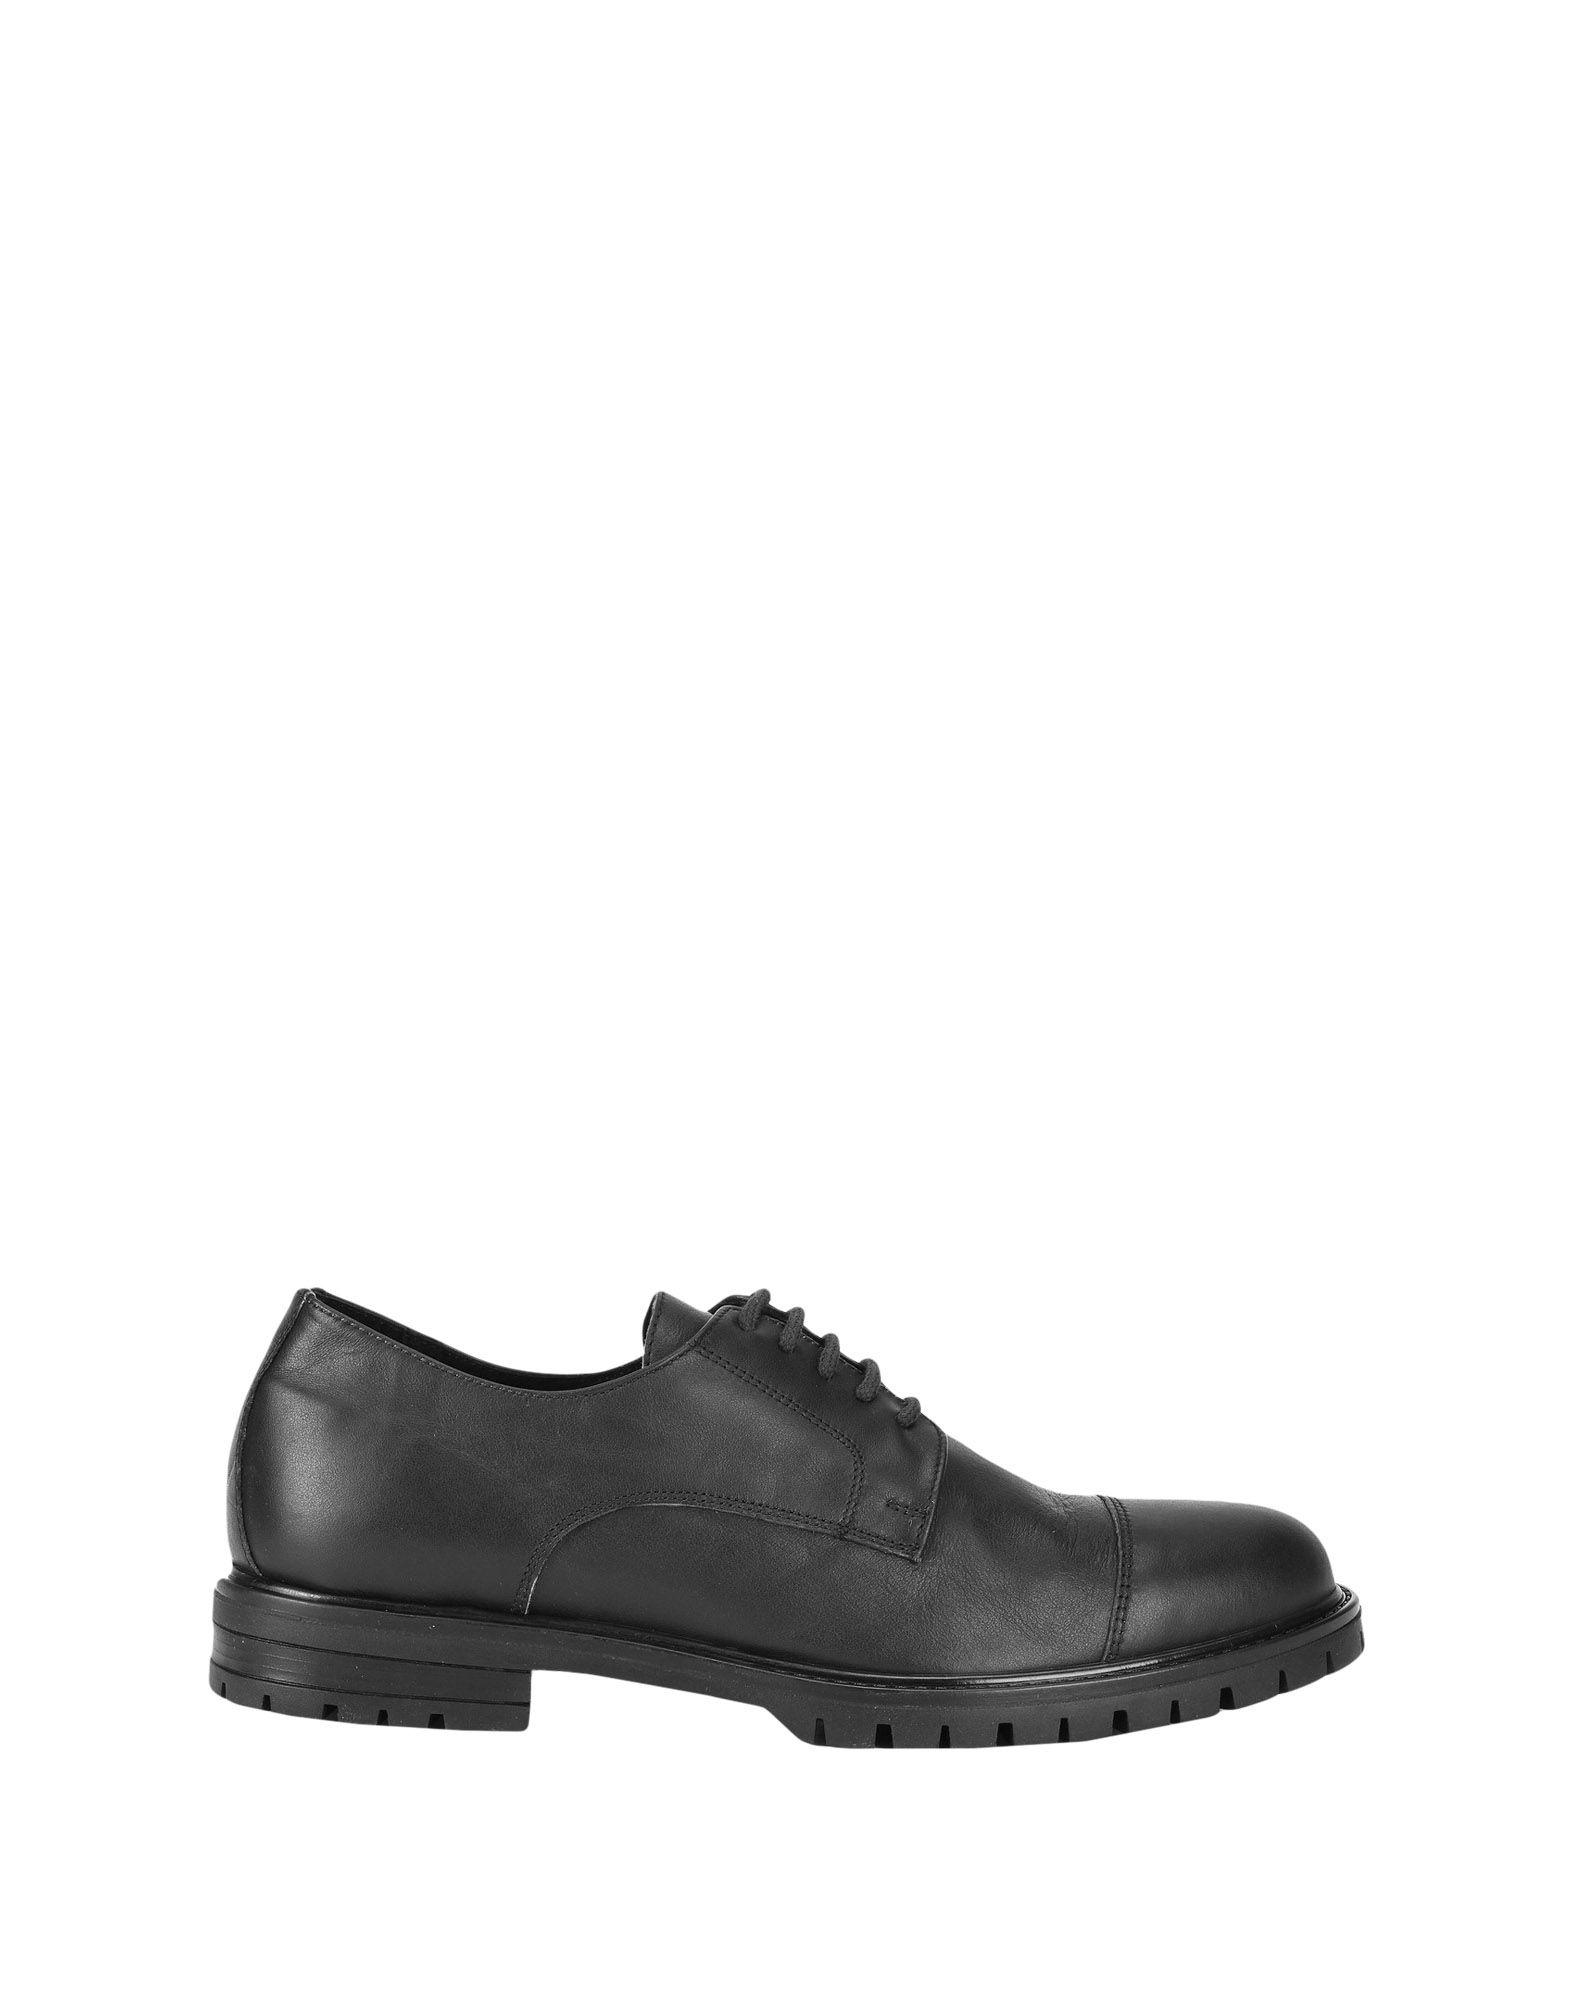 Ylati Heritage Schnürschuhe Herren  11482905GL Gute Qualität beliebte Schuhe